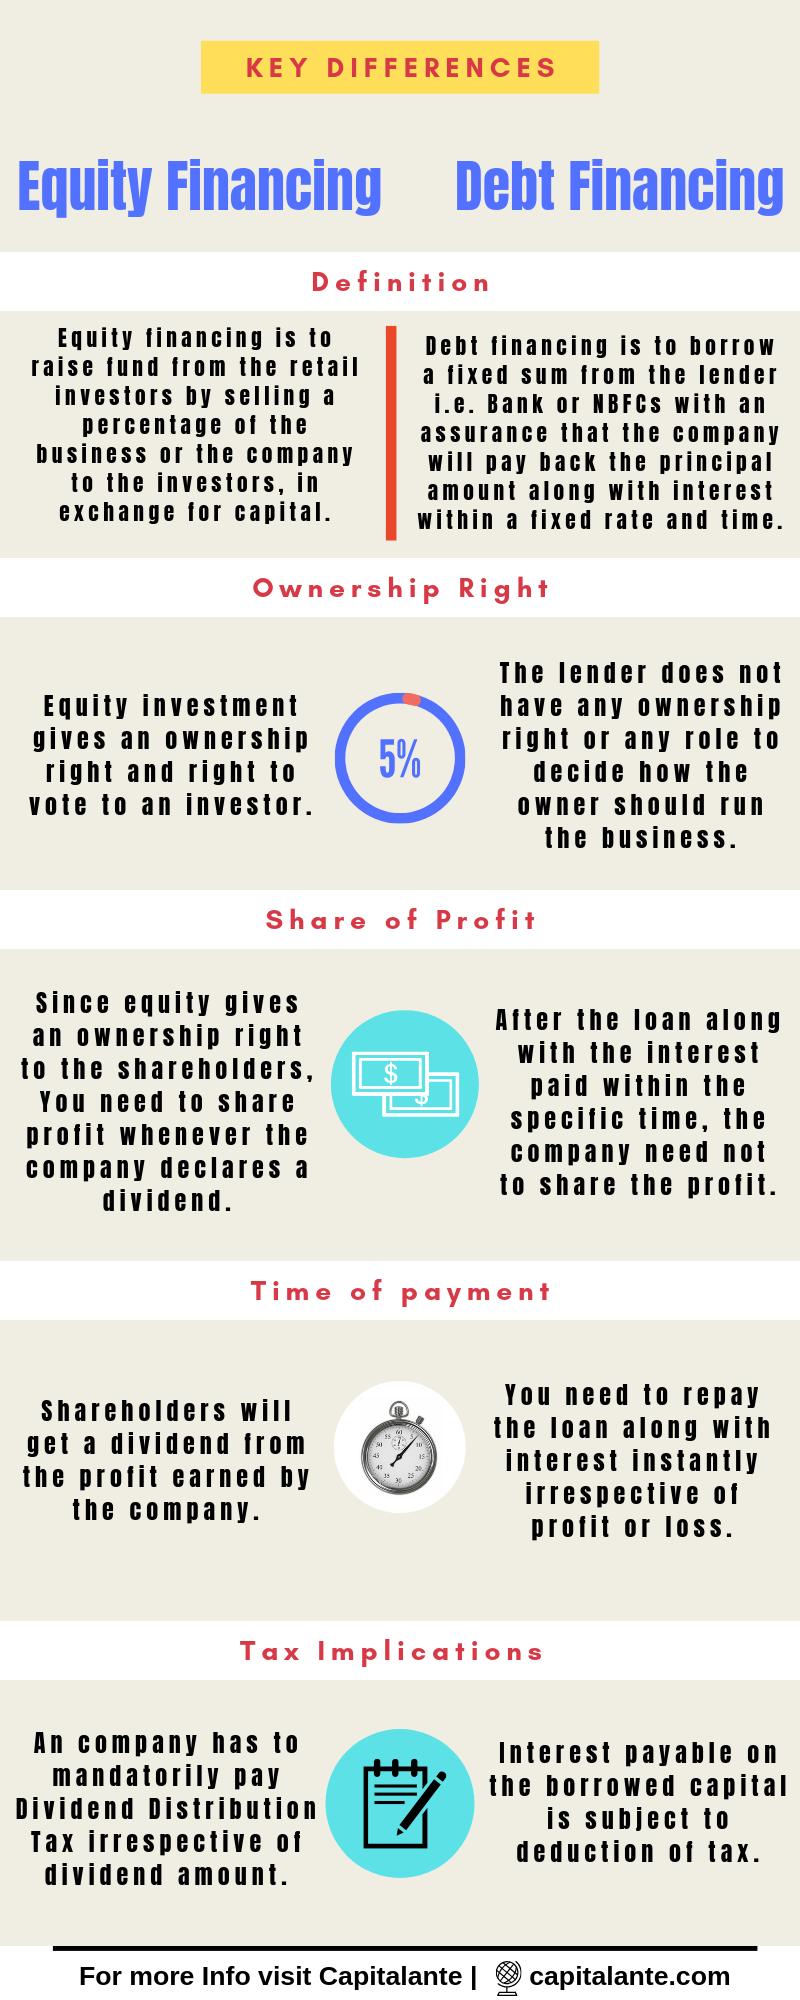 Debt Financing Vs. Equity Financing